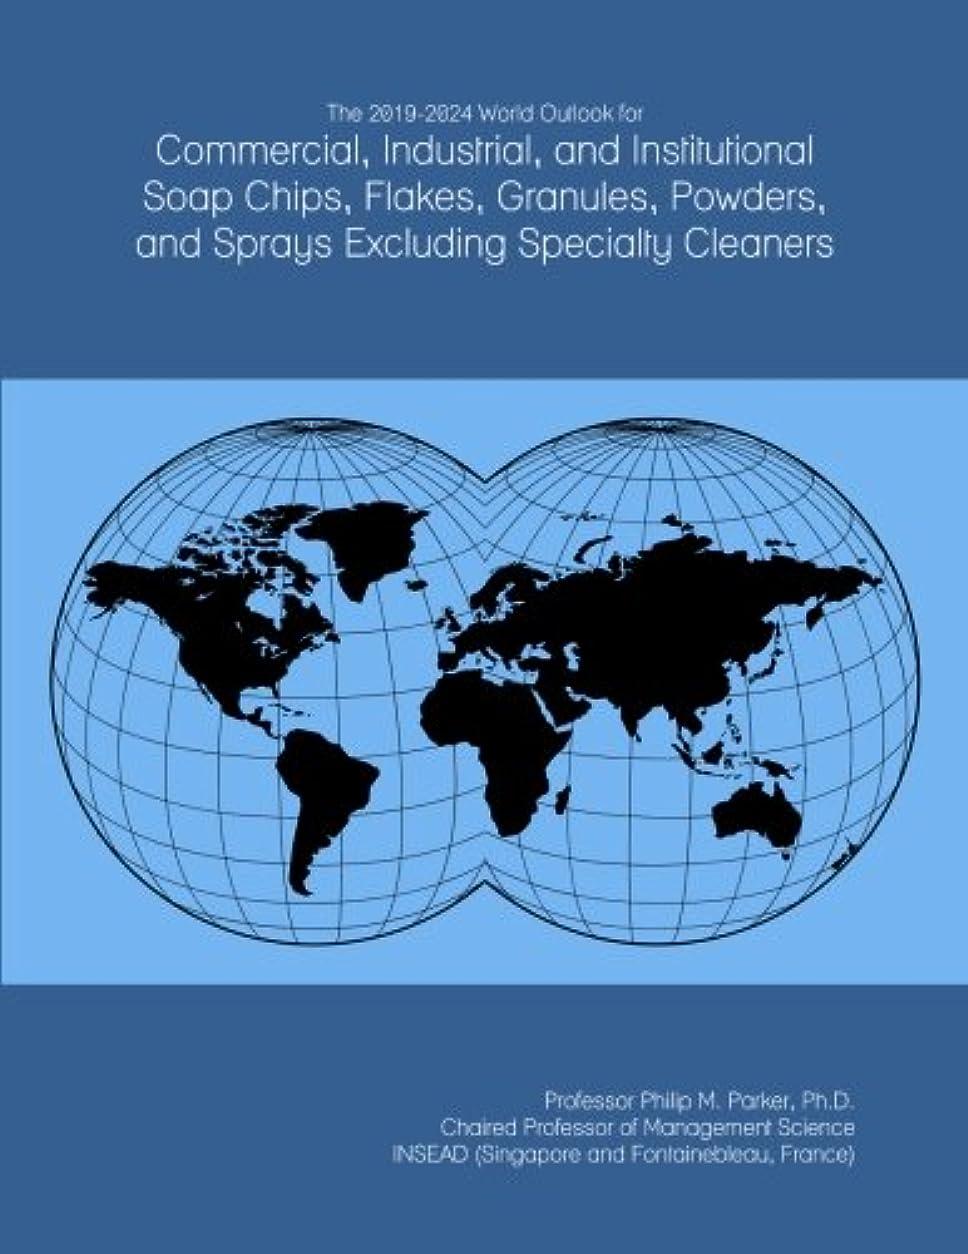 肘掛け椅子練る代わってThe 2019-2024 World Outlook for Commercial, Industrial, and Institutional Soap Chips, Flakes, Granules, Powders, and Sprays Excluding Specialty Cleaners